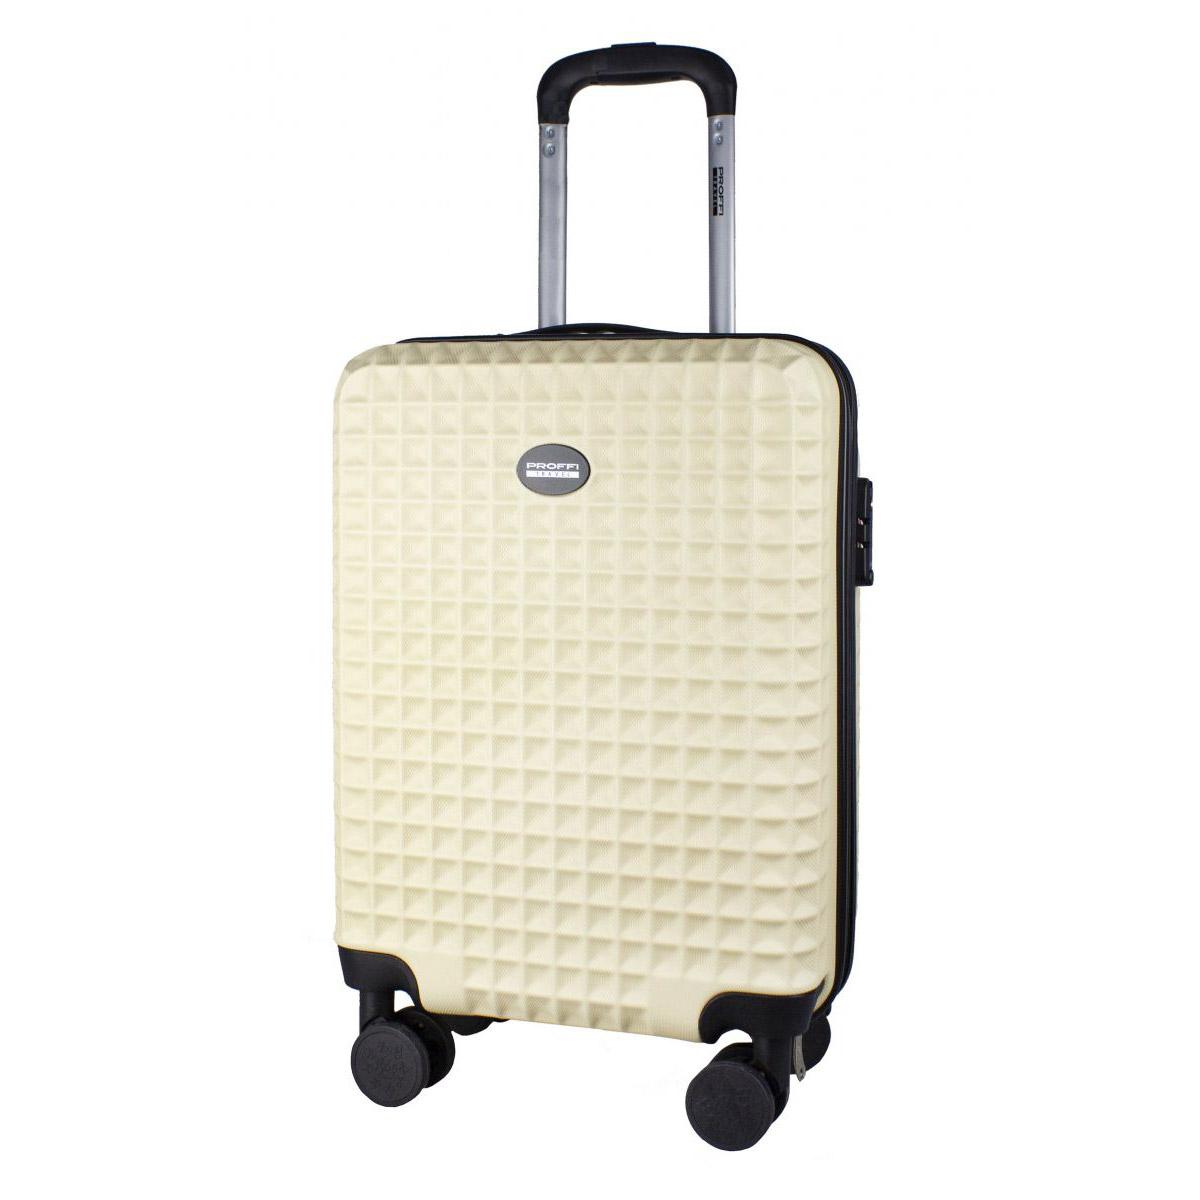 Фото - Чемодан Proffi Travel tour quattro smart 20 малый 56х36х21 бежевый c весами+usb в ручке чемодан proffi kingsize xl 110 л черный